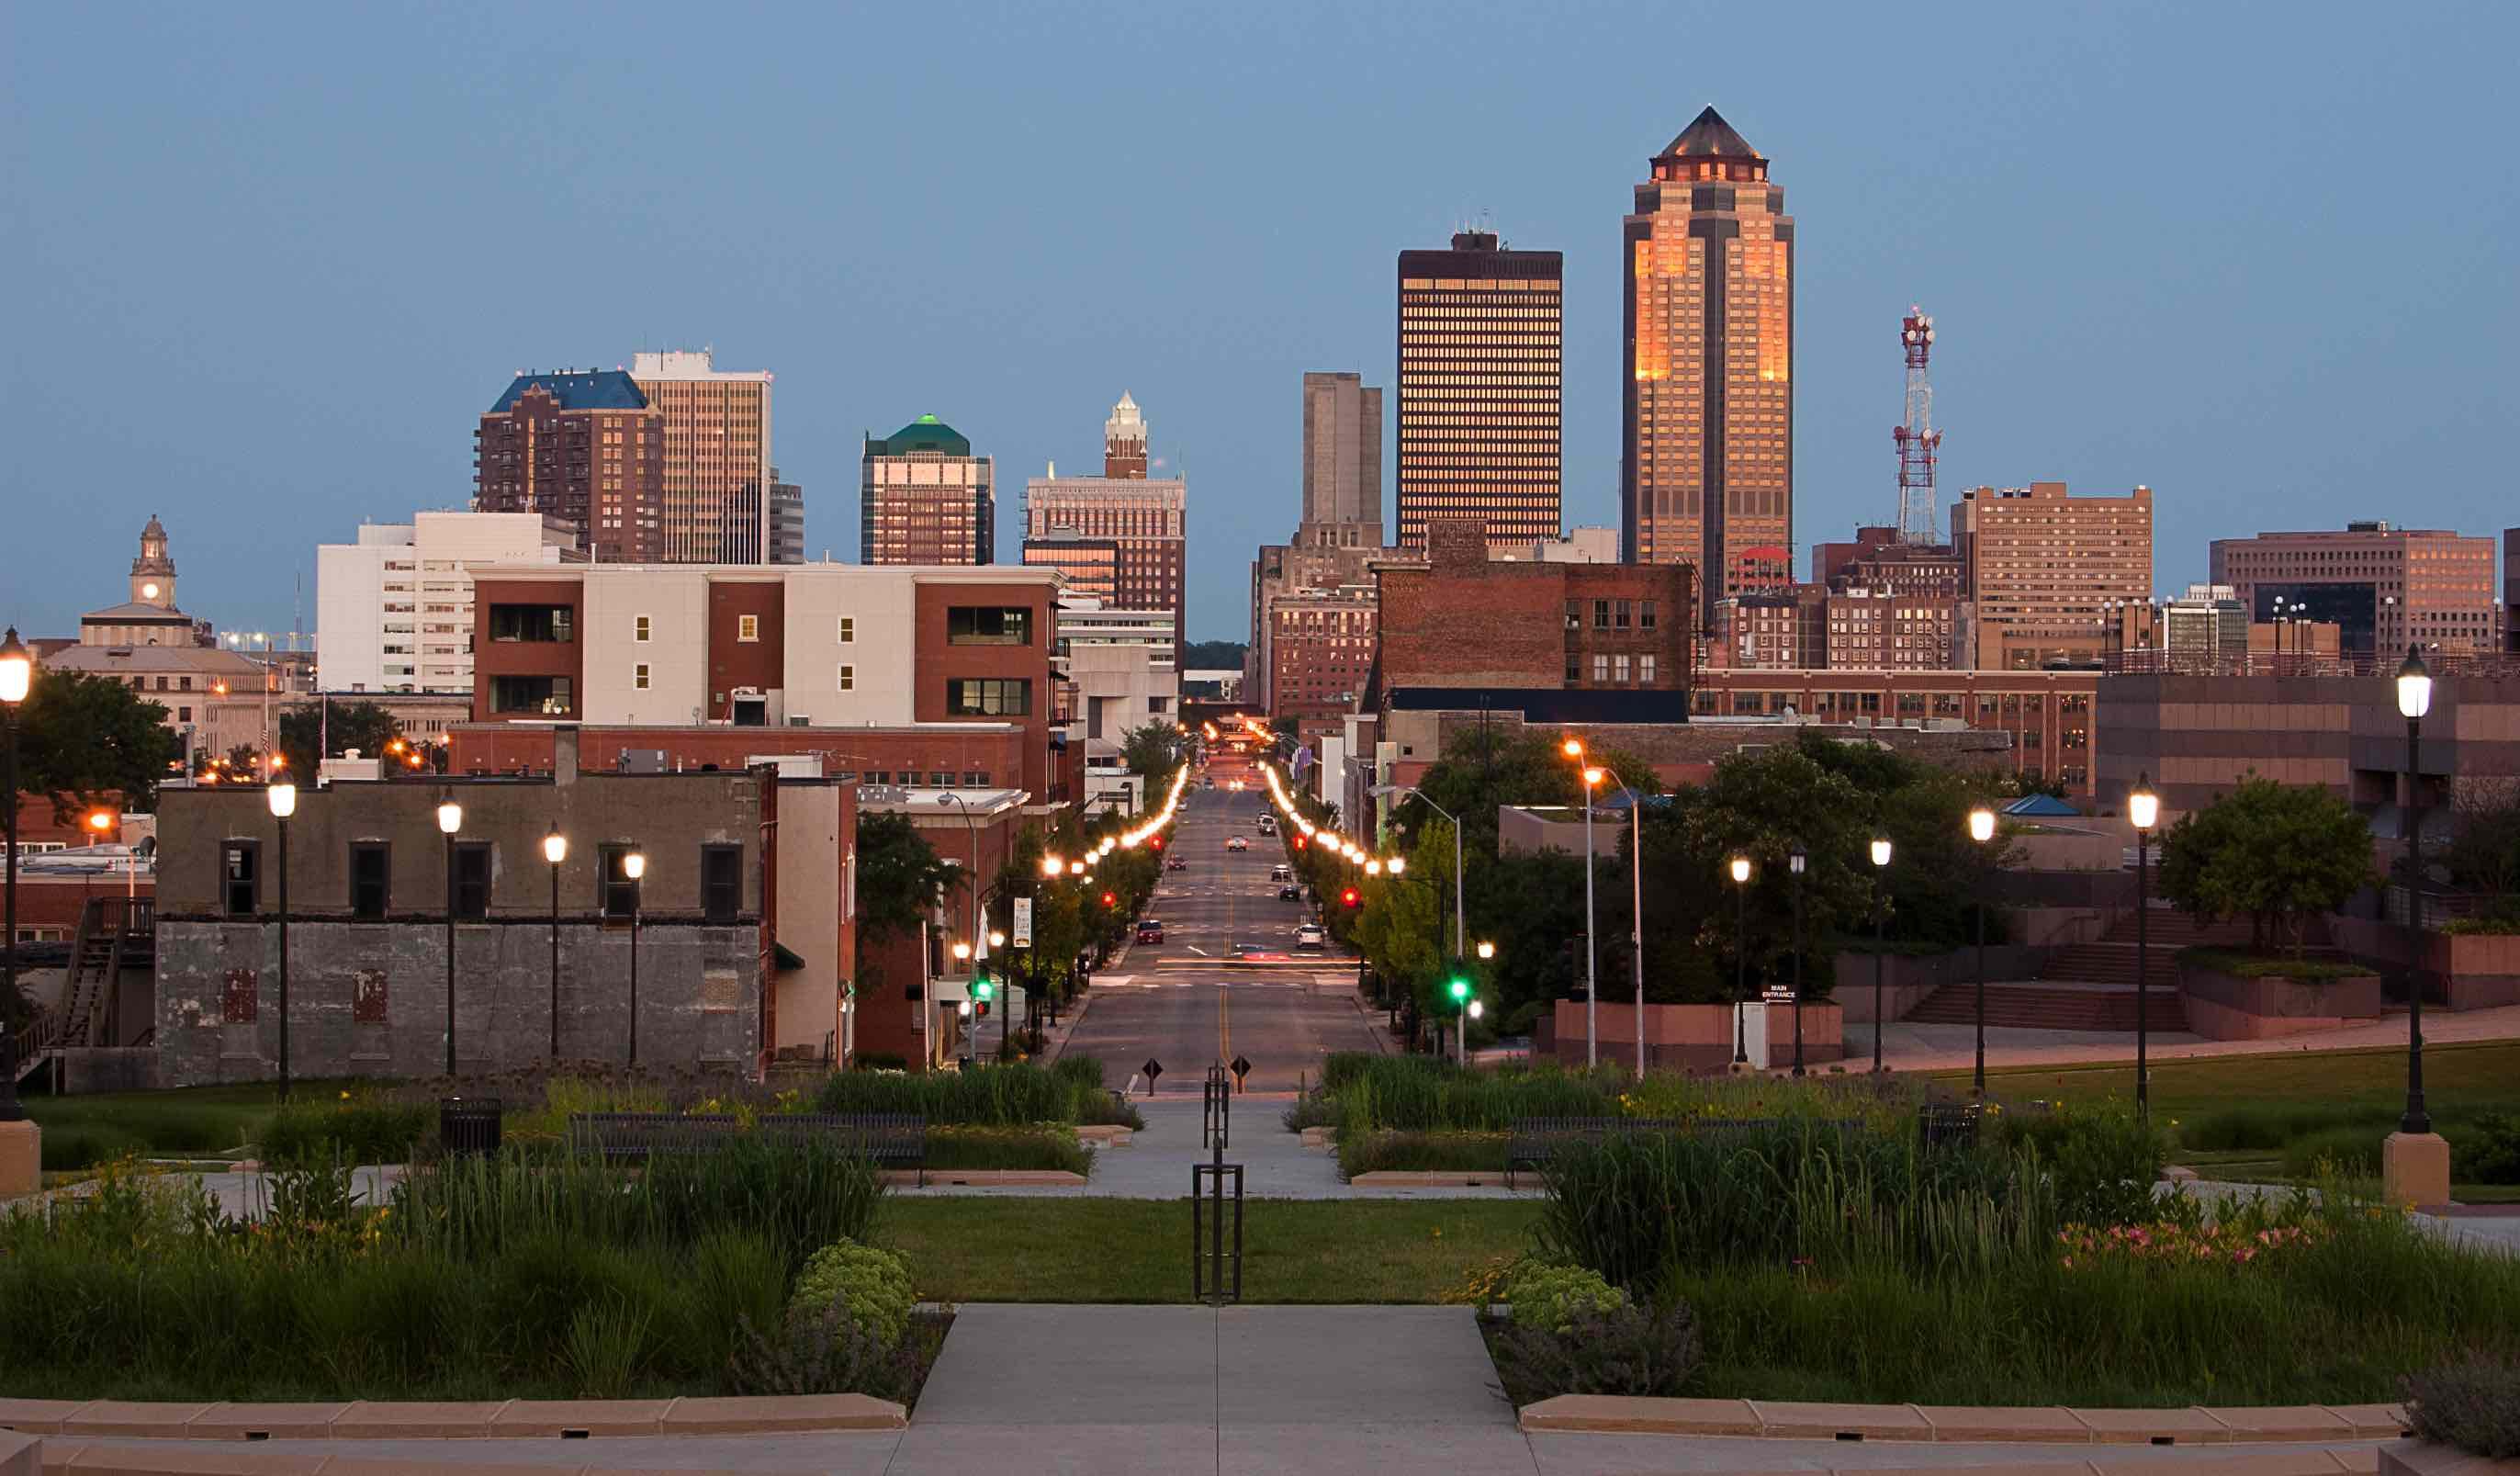 Des Moines downtown